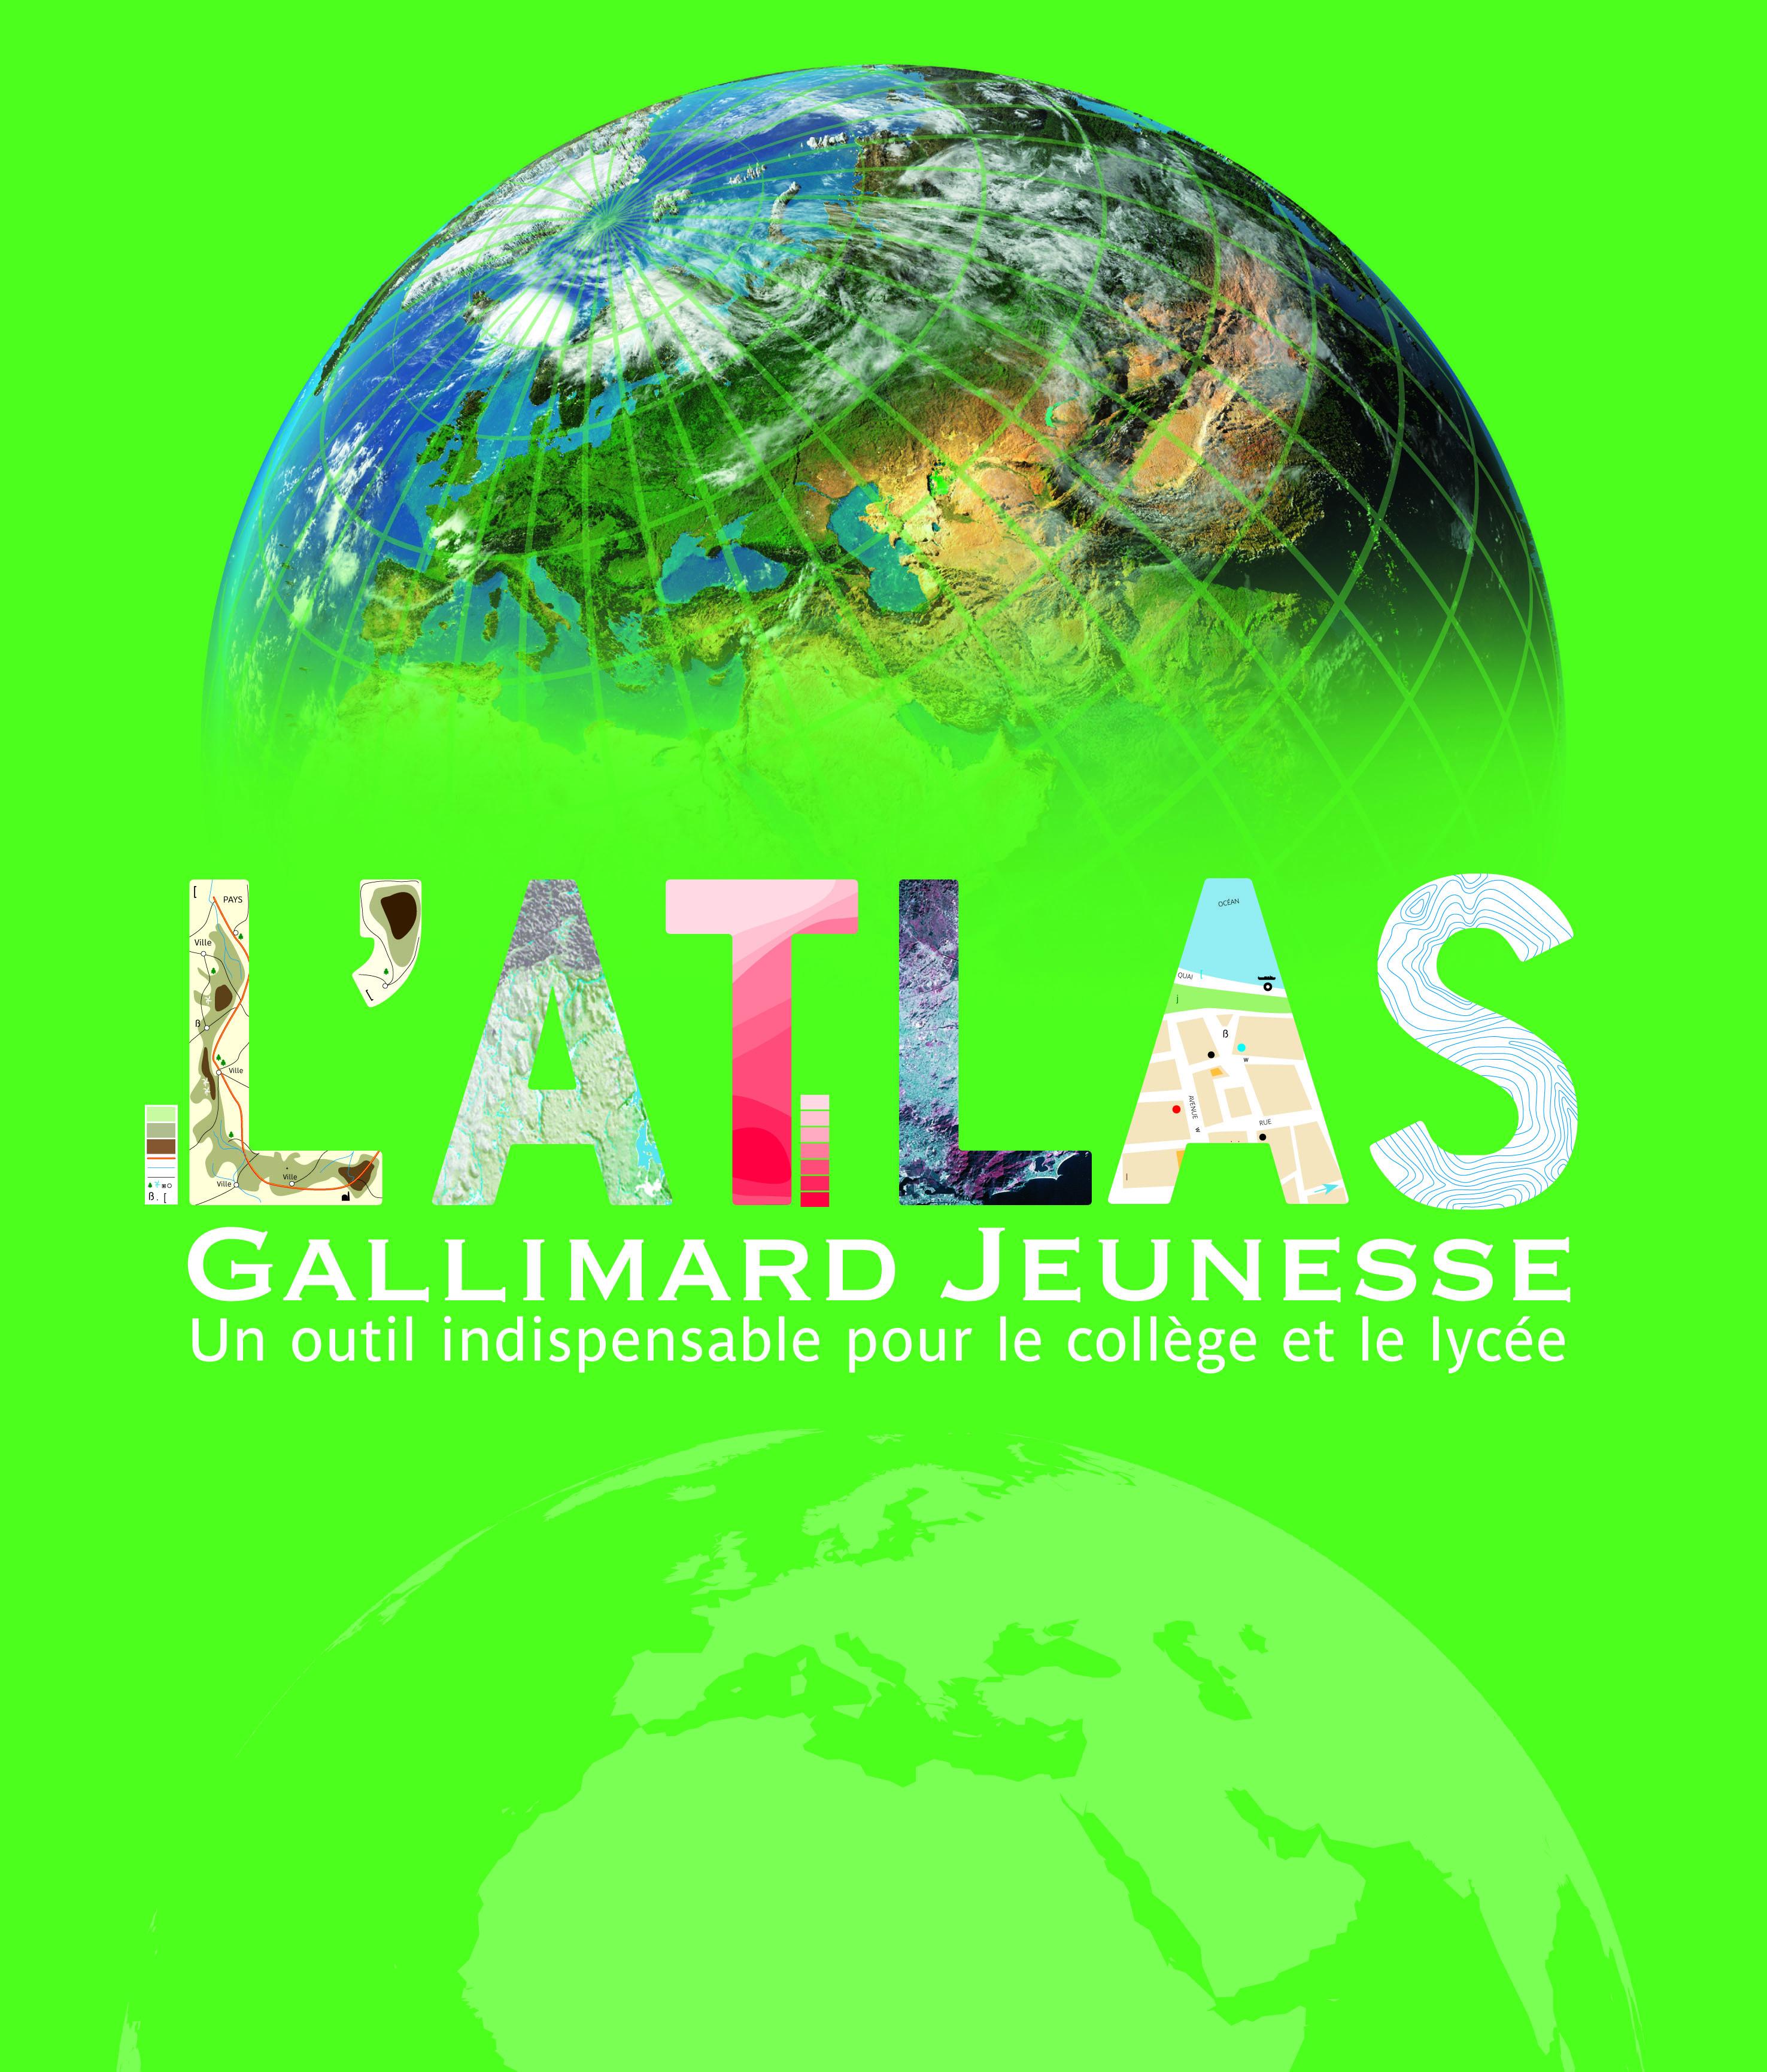 L'ATLAS GALLIMARD JEUNESSE